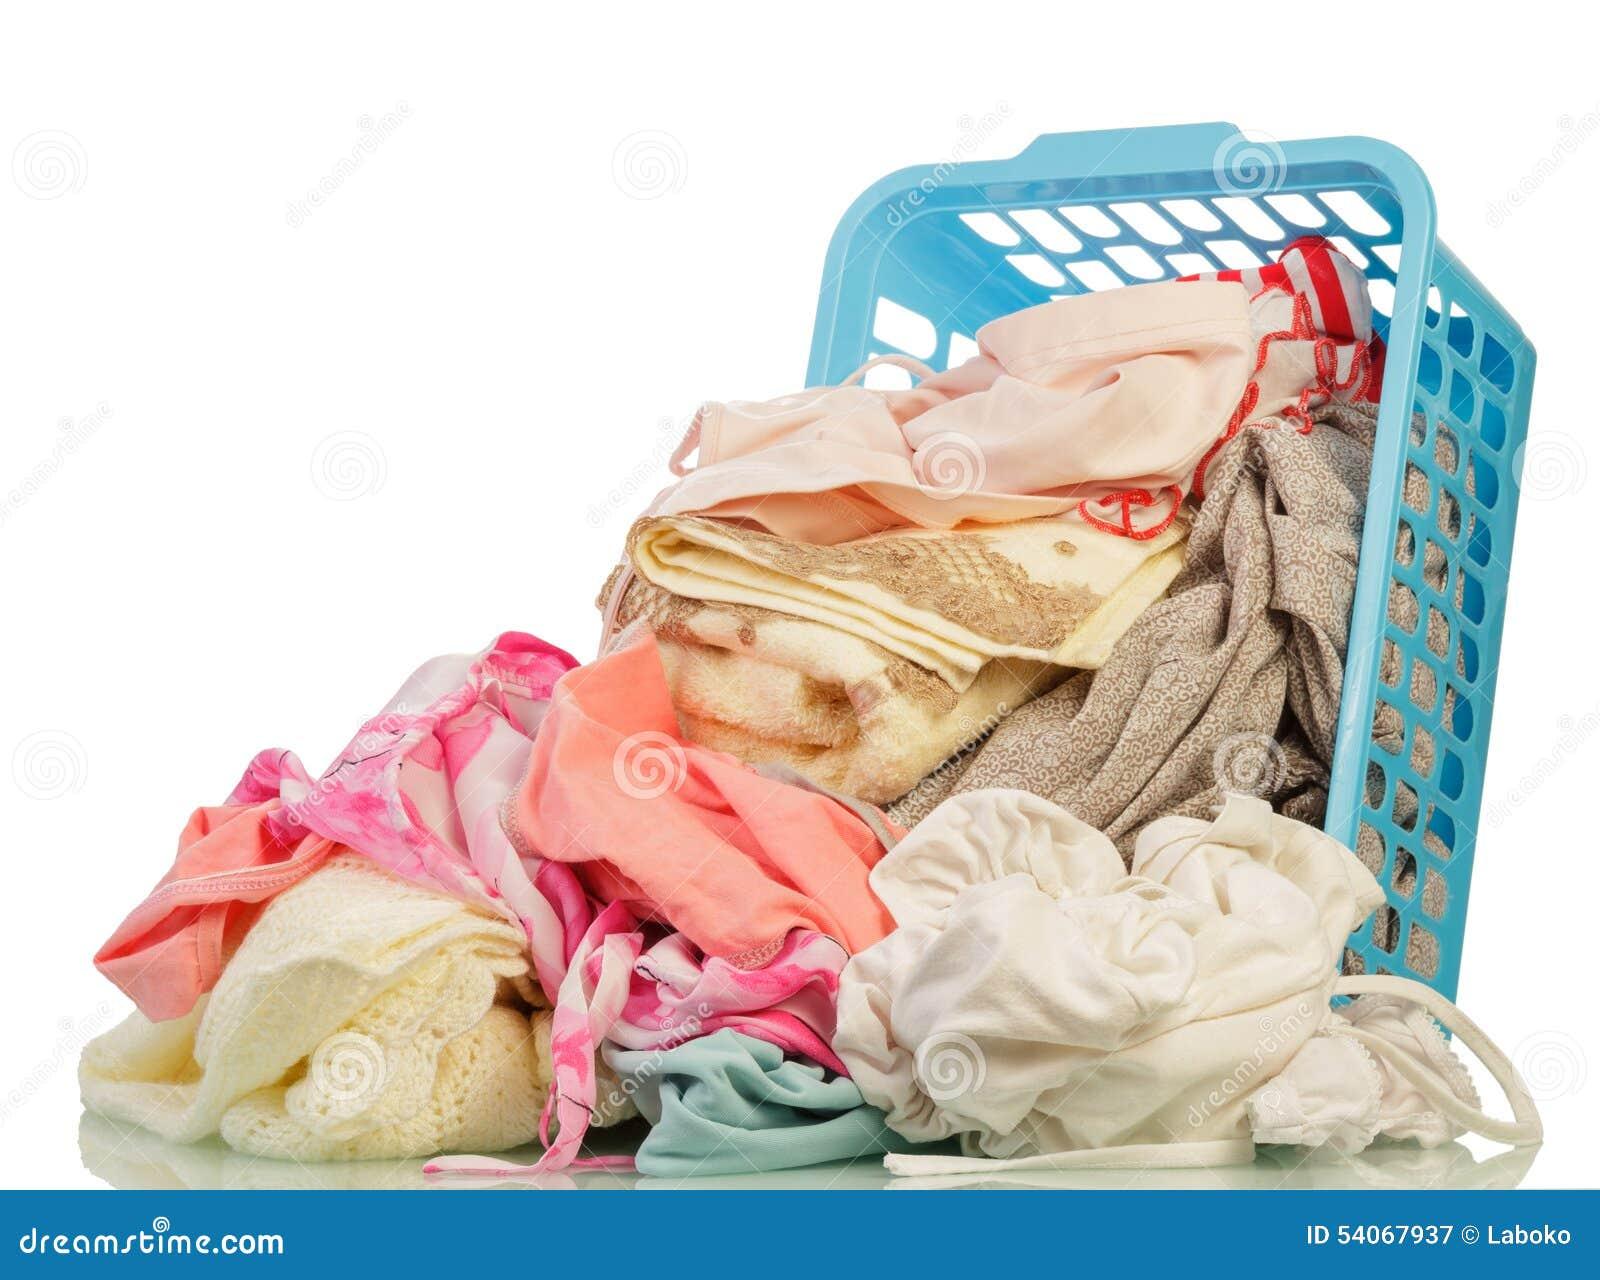 Ropa sucia en cesta foto de archivo imagen 54067937 - Cesta ropa sucia ...